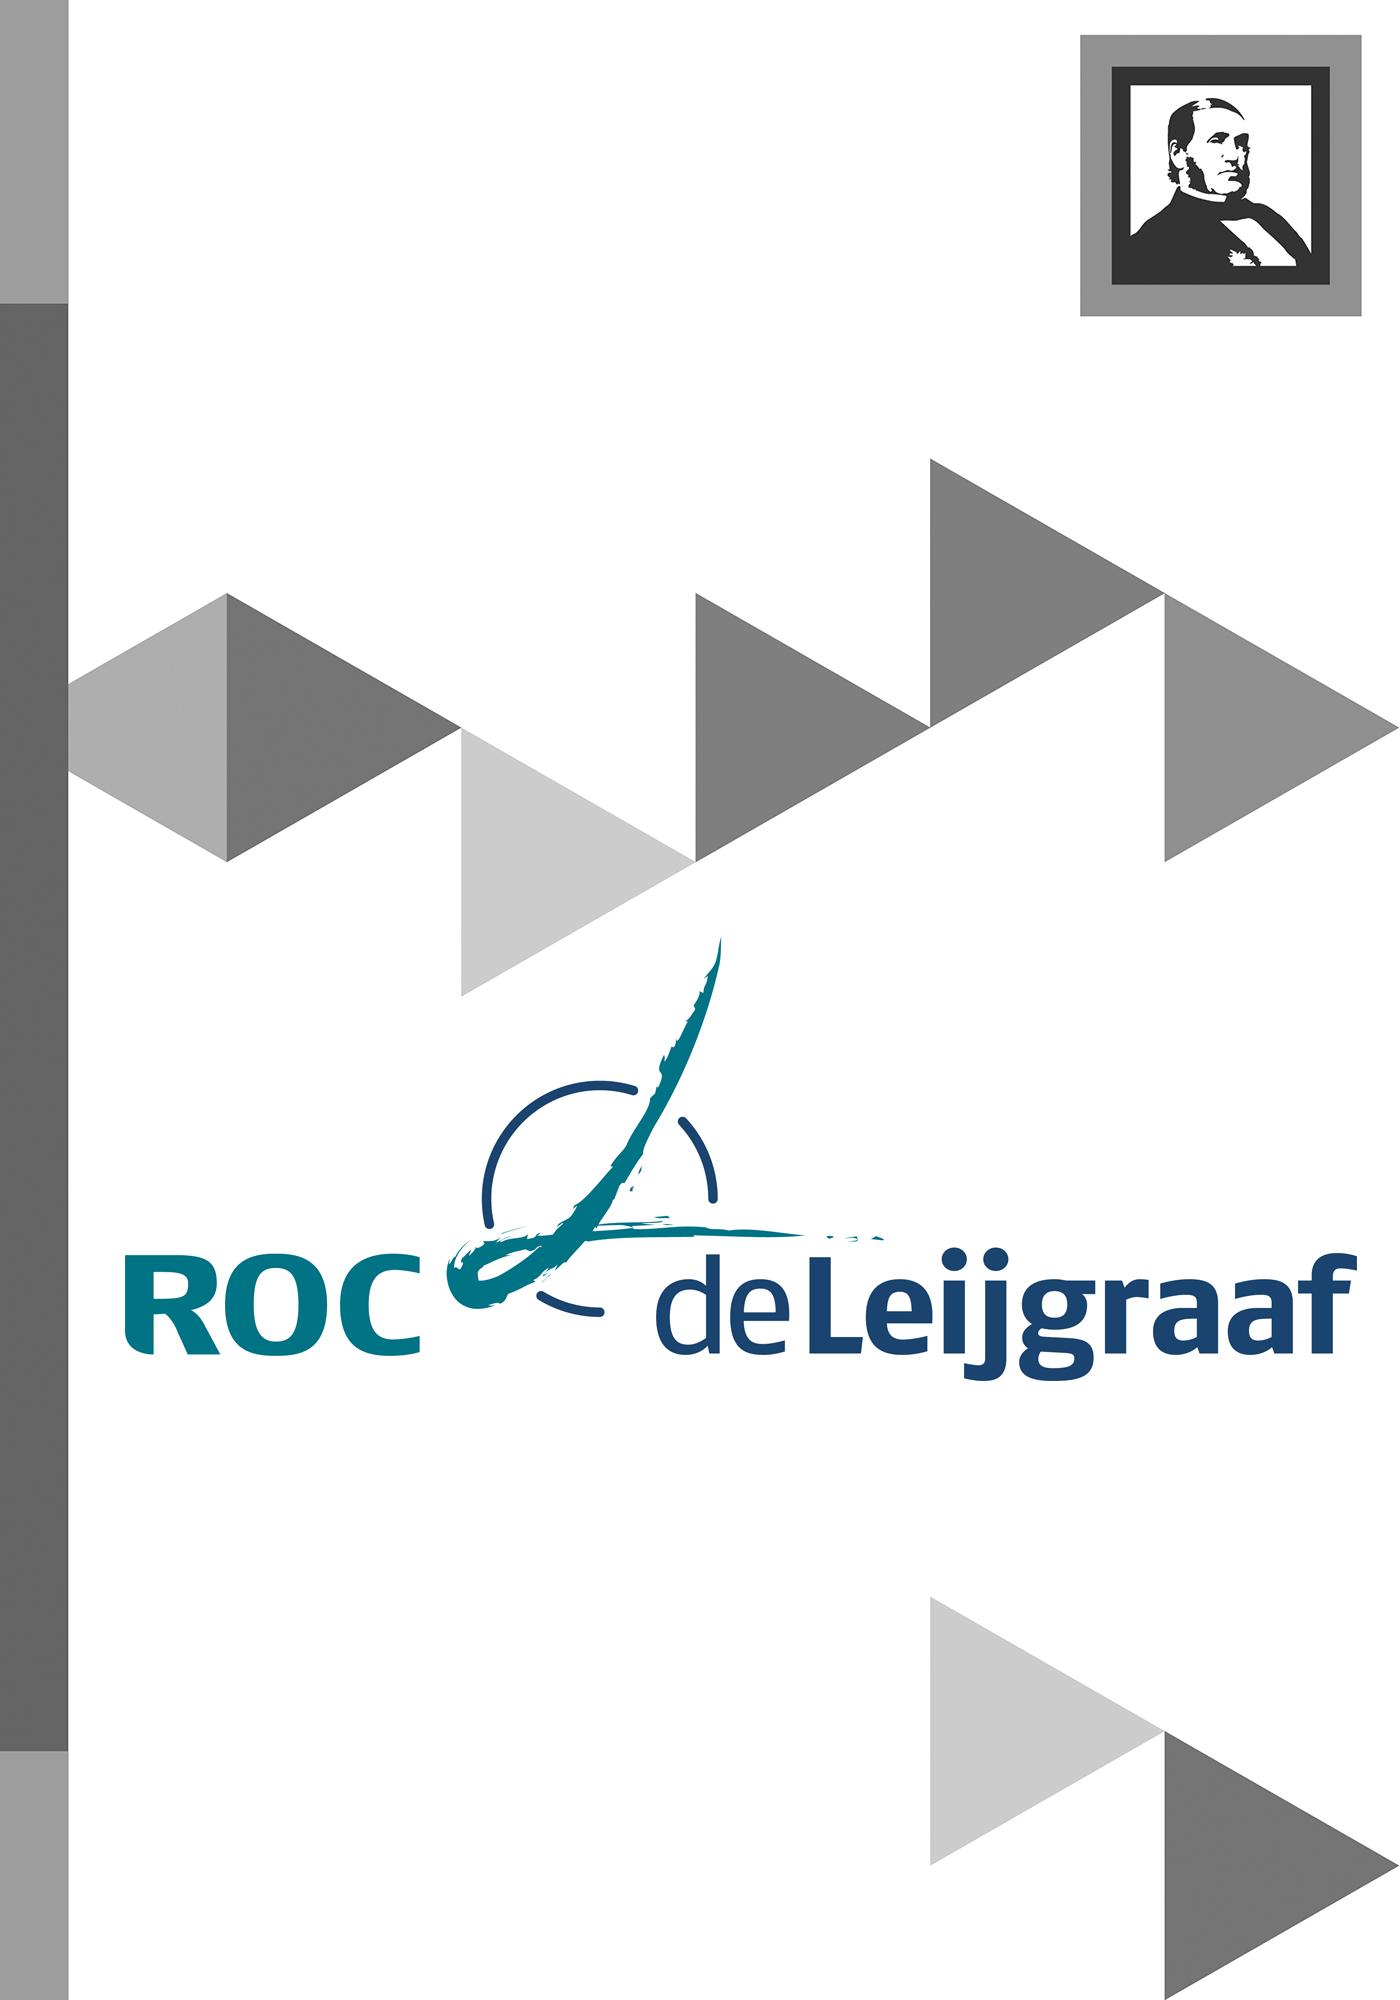 Afbeelding van ROC de Leijgraaf PO Manager Retail cohort 2017